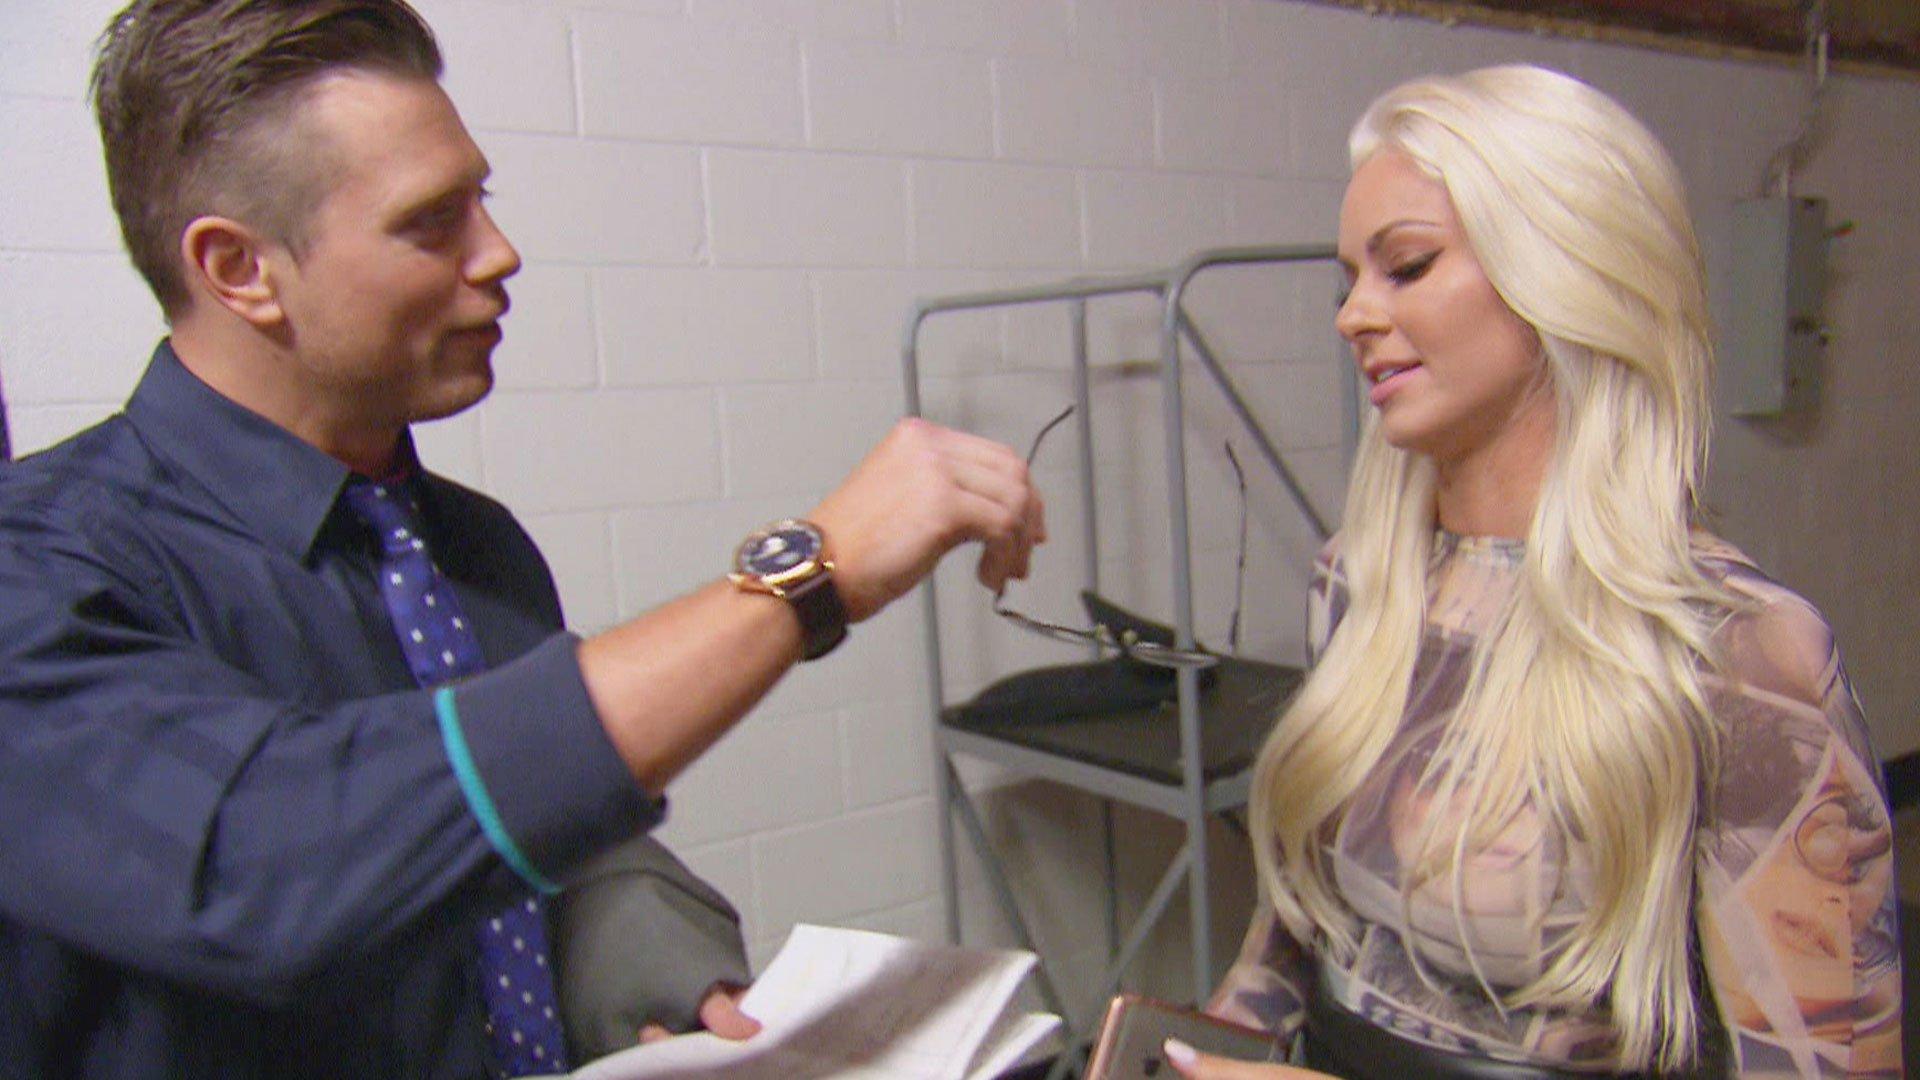 The Miz i Neville sprawdzają wzrok Maryse: Total Divas 19.04.17